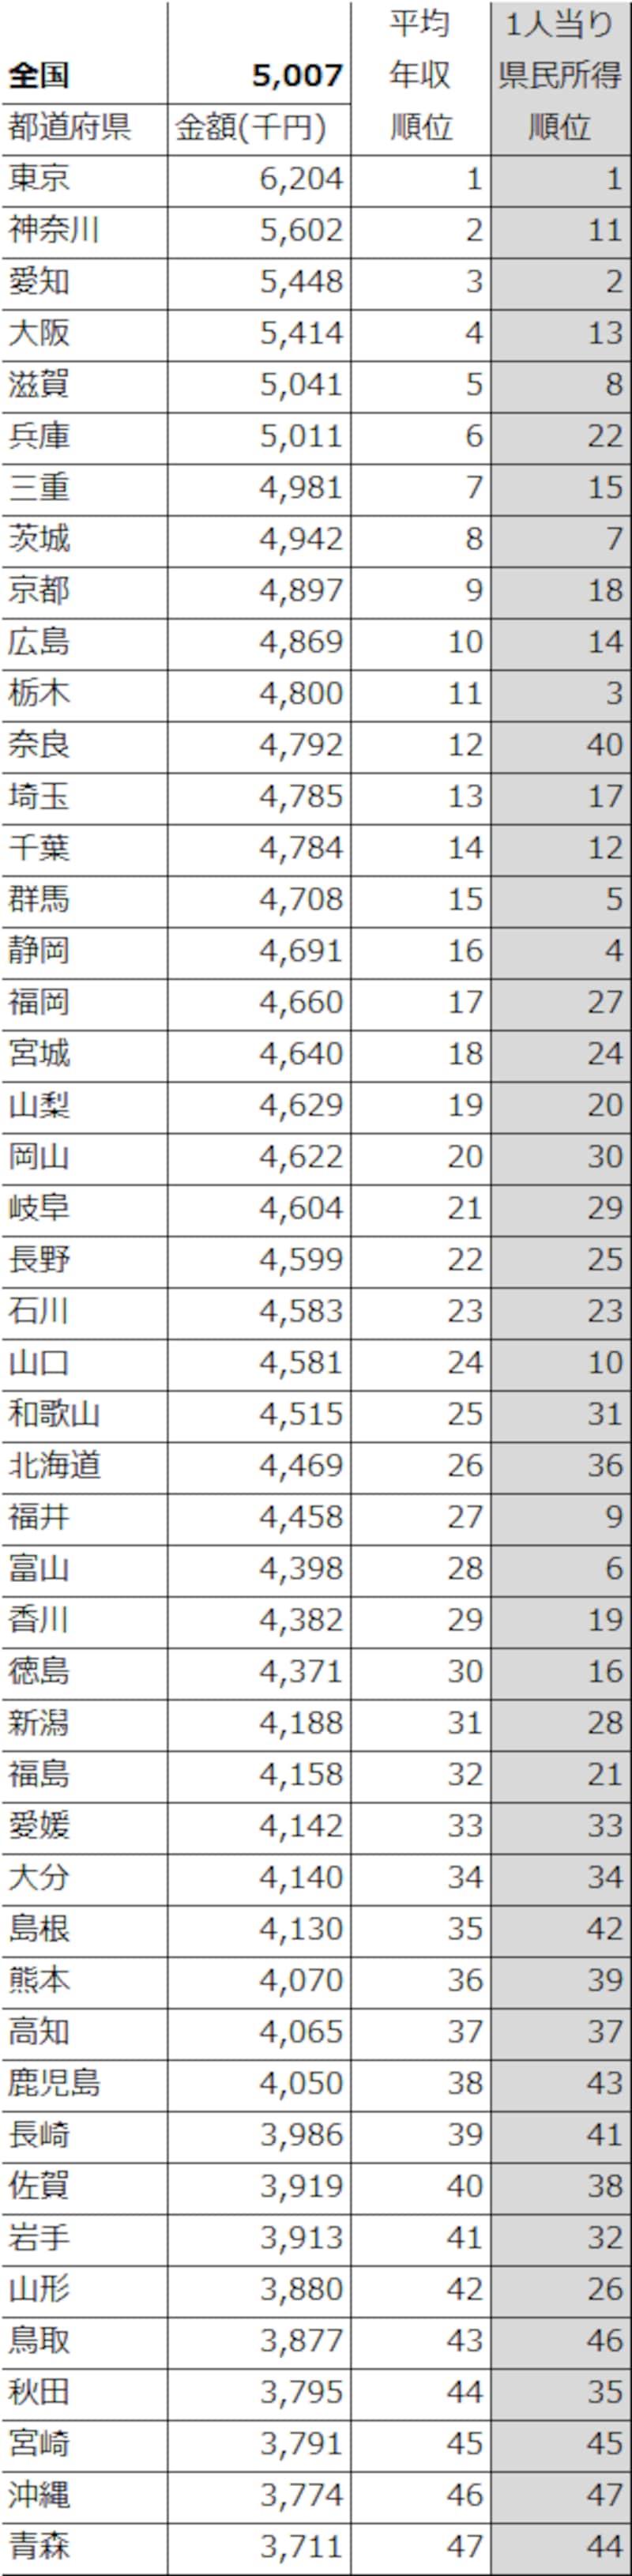 都道府県別平均年収と一人当たり県民所得順位